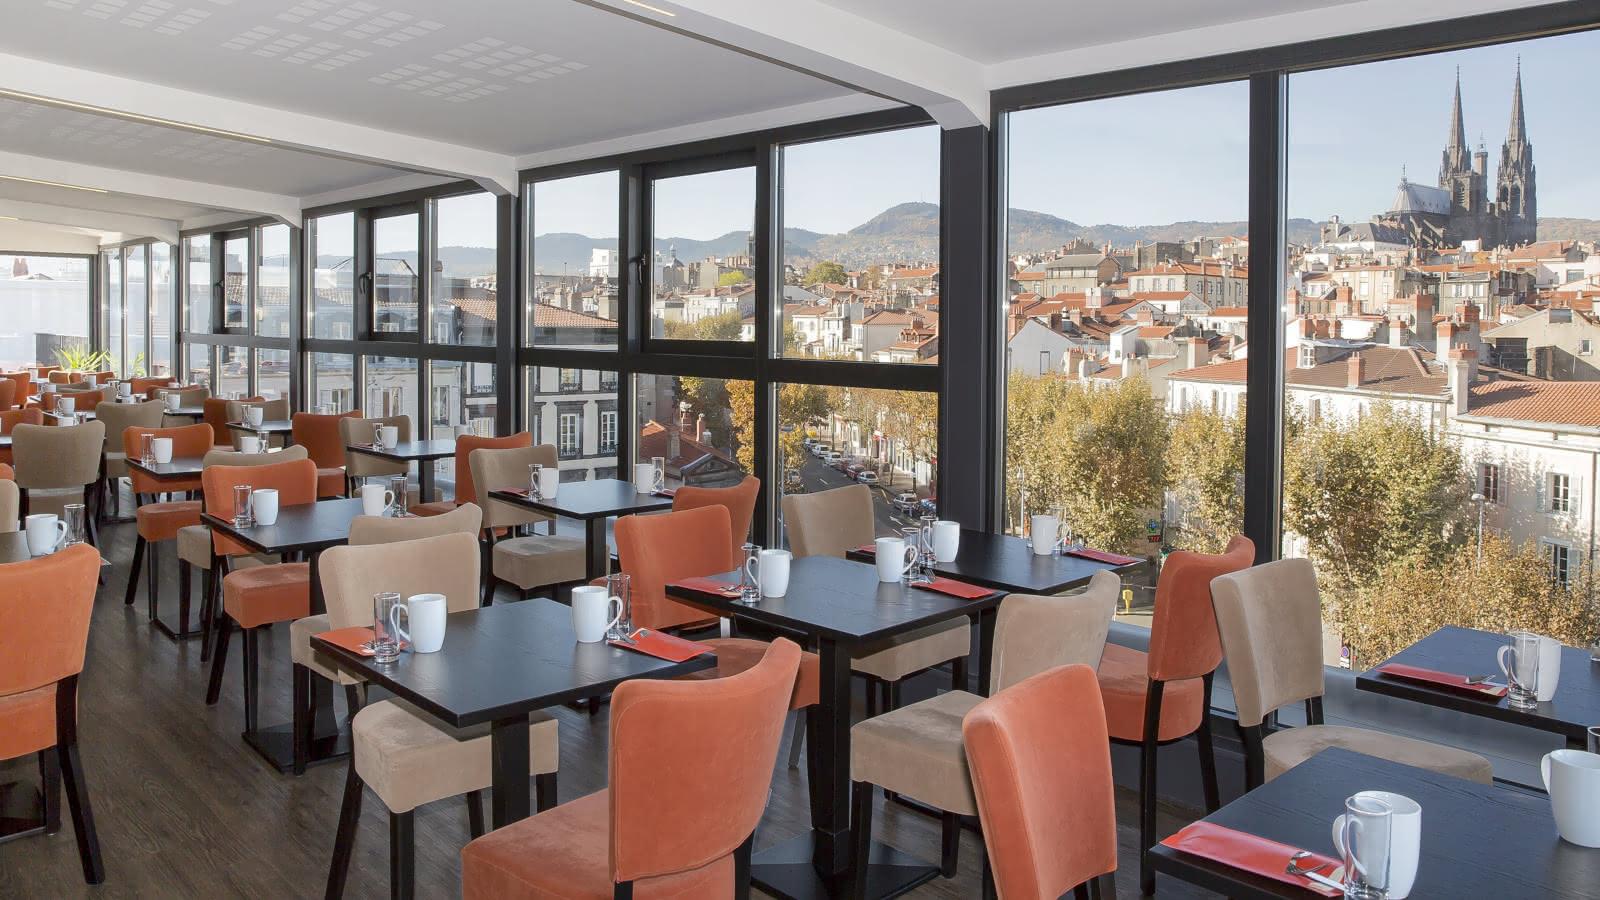 © Salle déjeuner - Best western plus hôtel littéraire Alexandre Vialatte